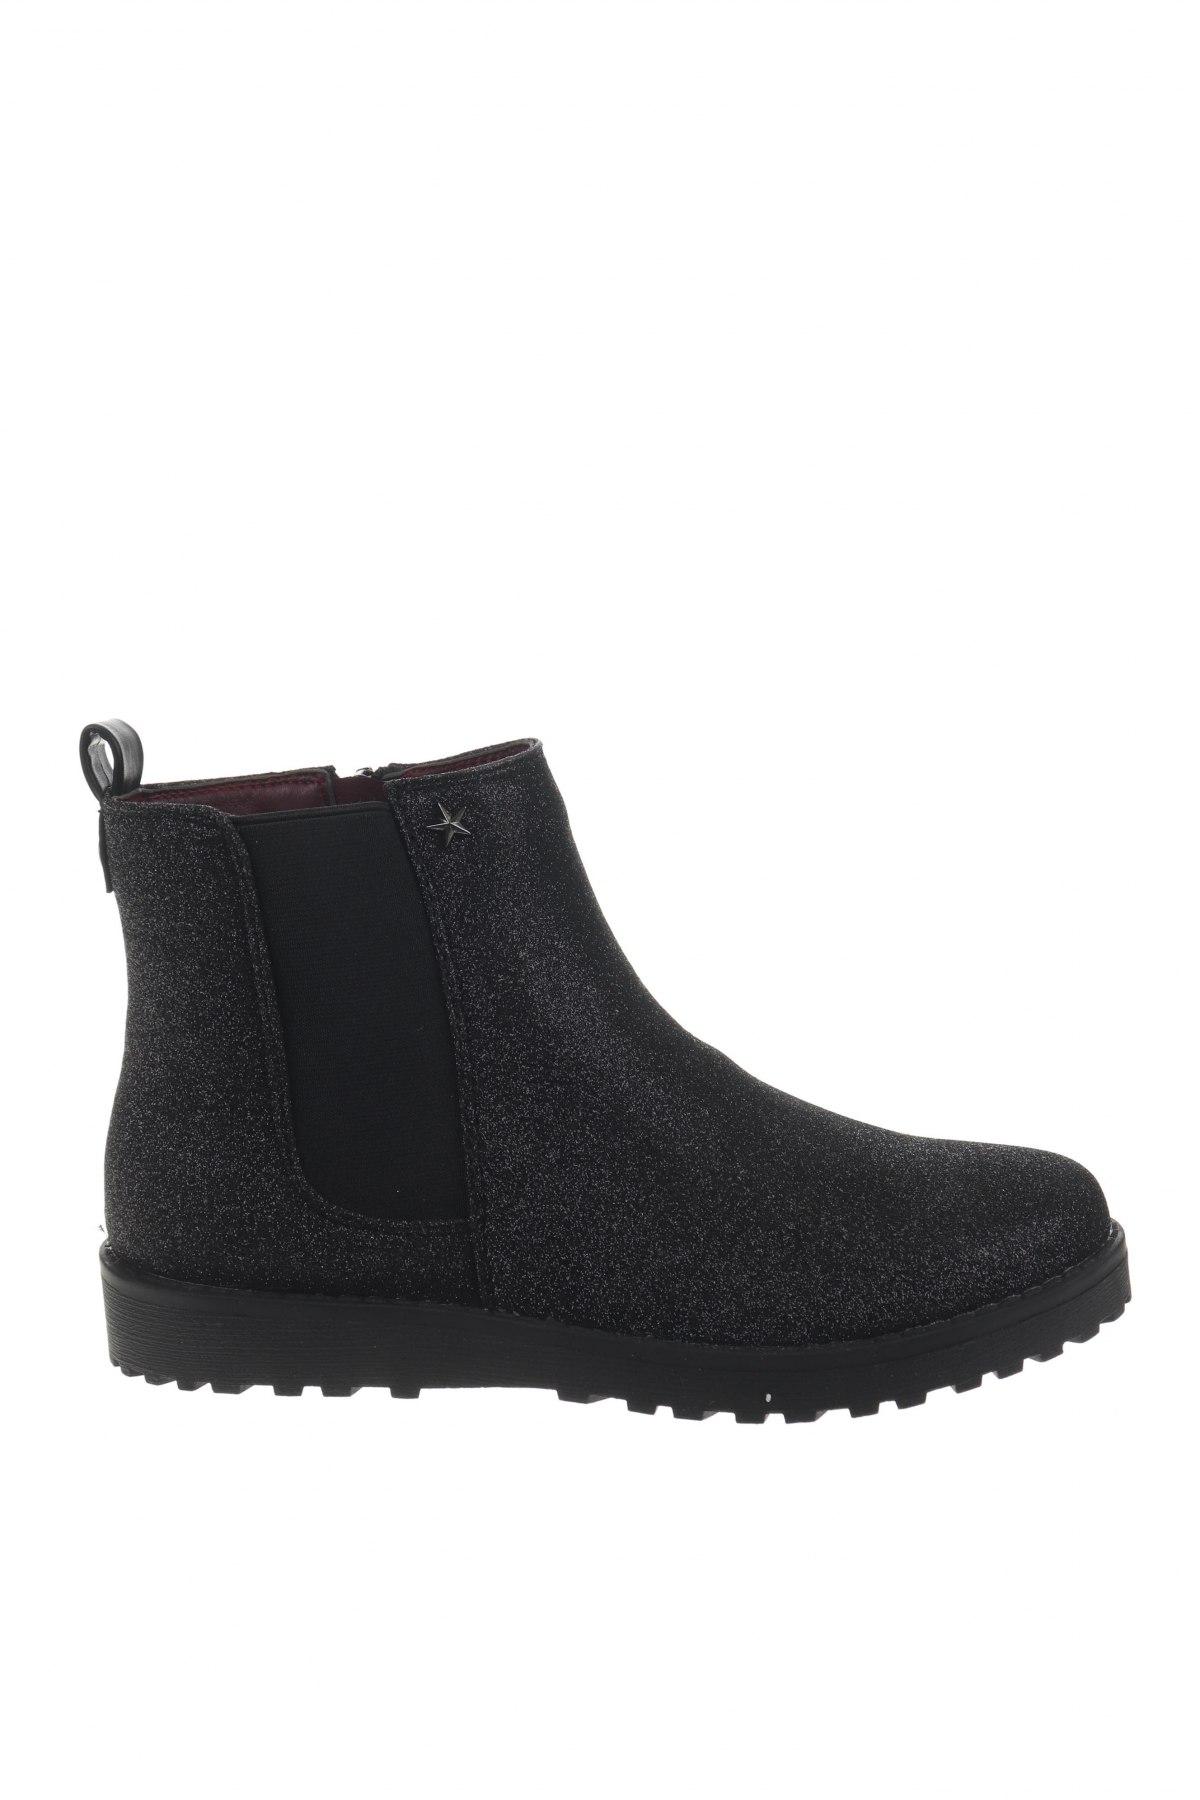 Παιδικά παπούτσια Gioseppo, Μέγεθος 34, Χρώμα Μαύρο, Δερματίνη, Τιμή 15,14€